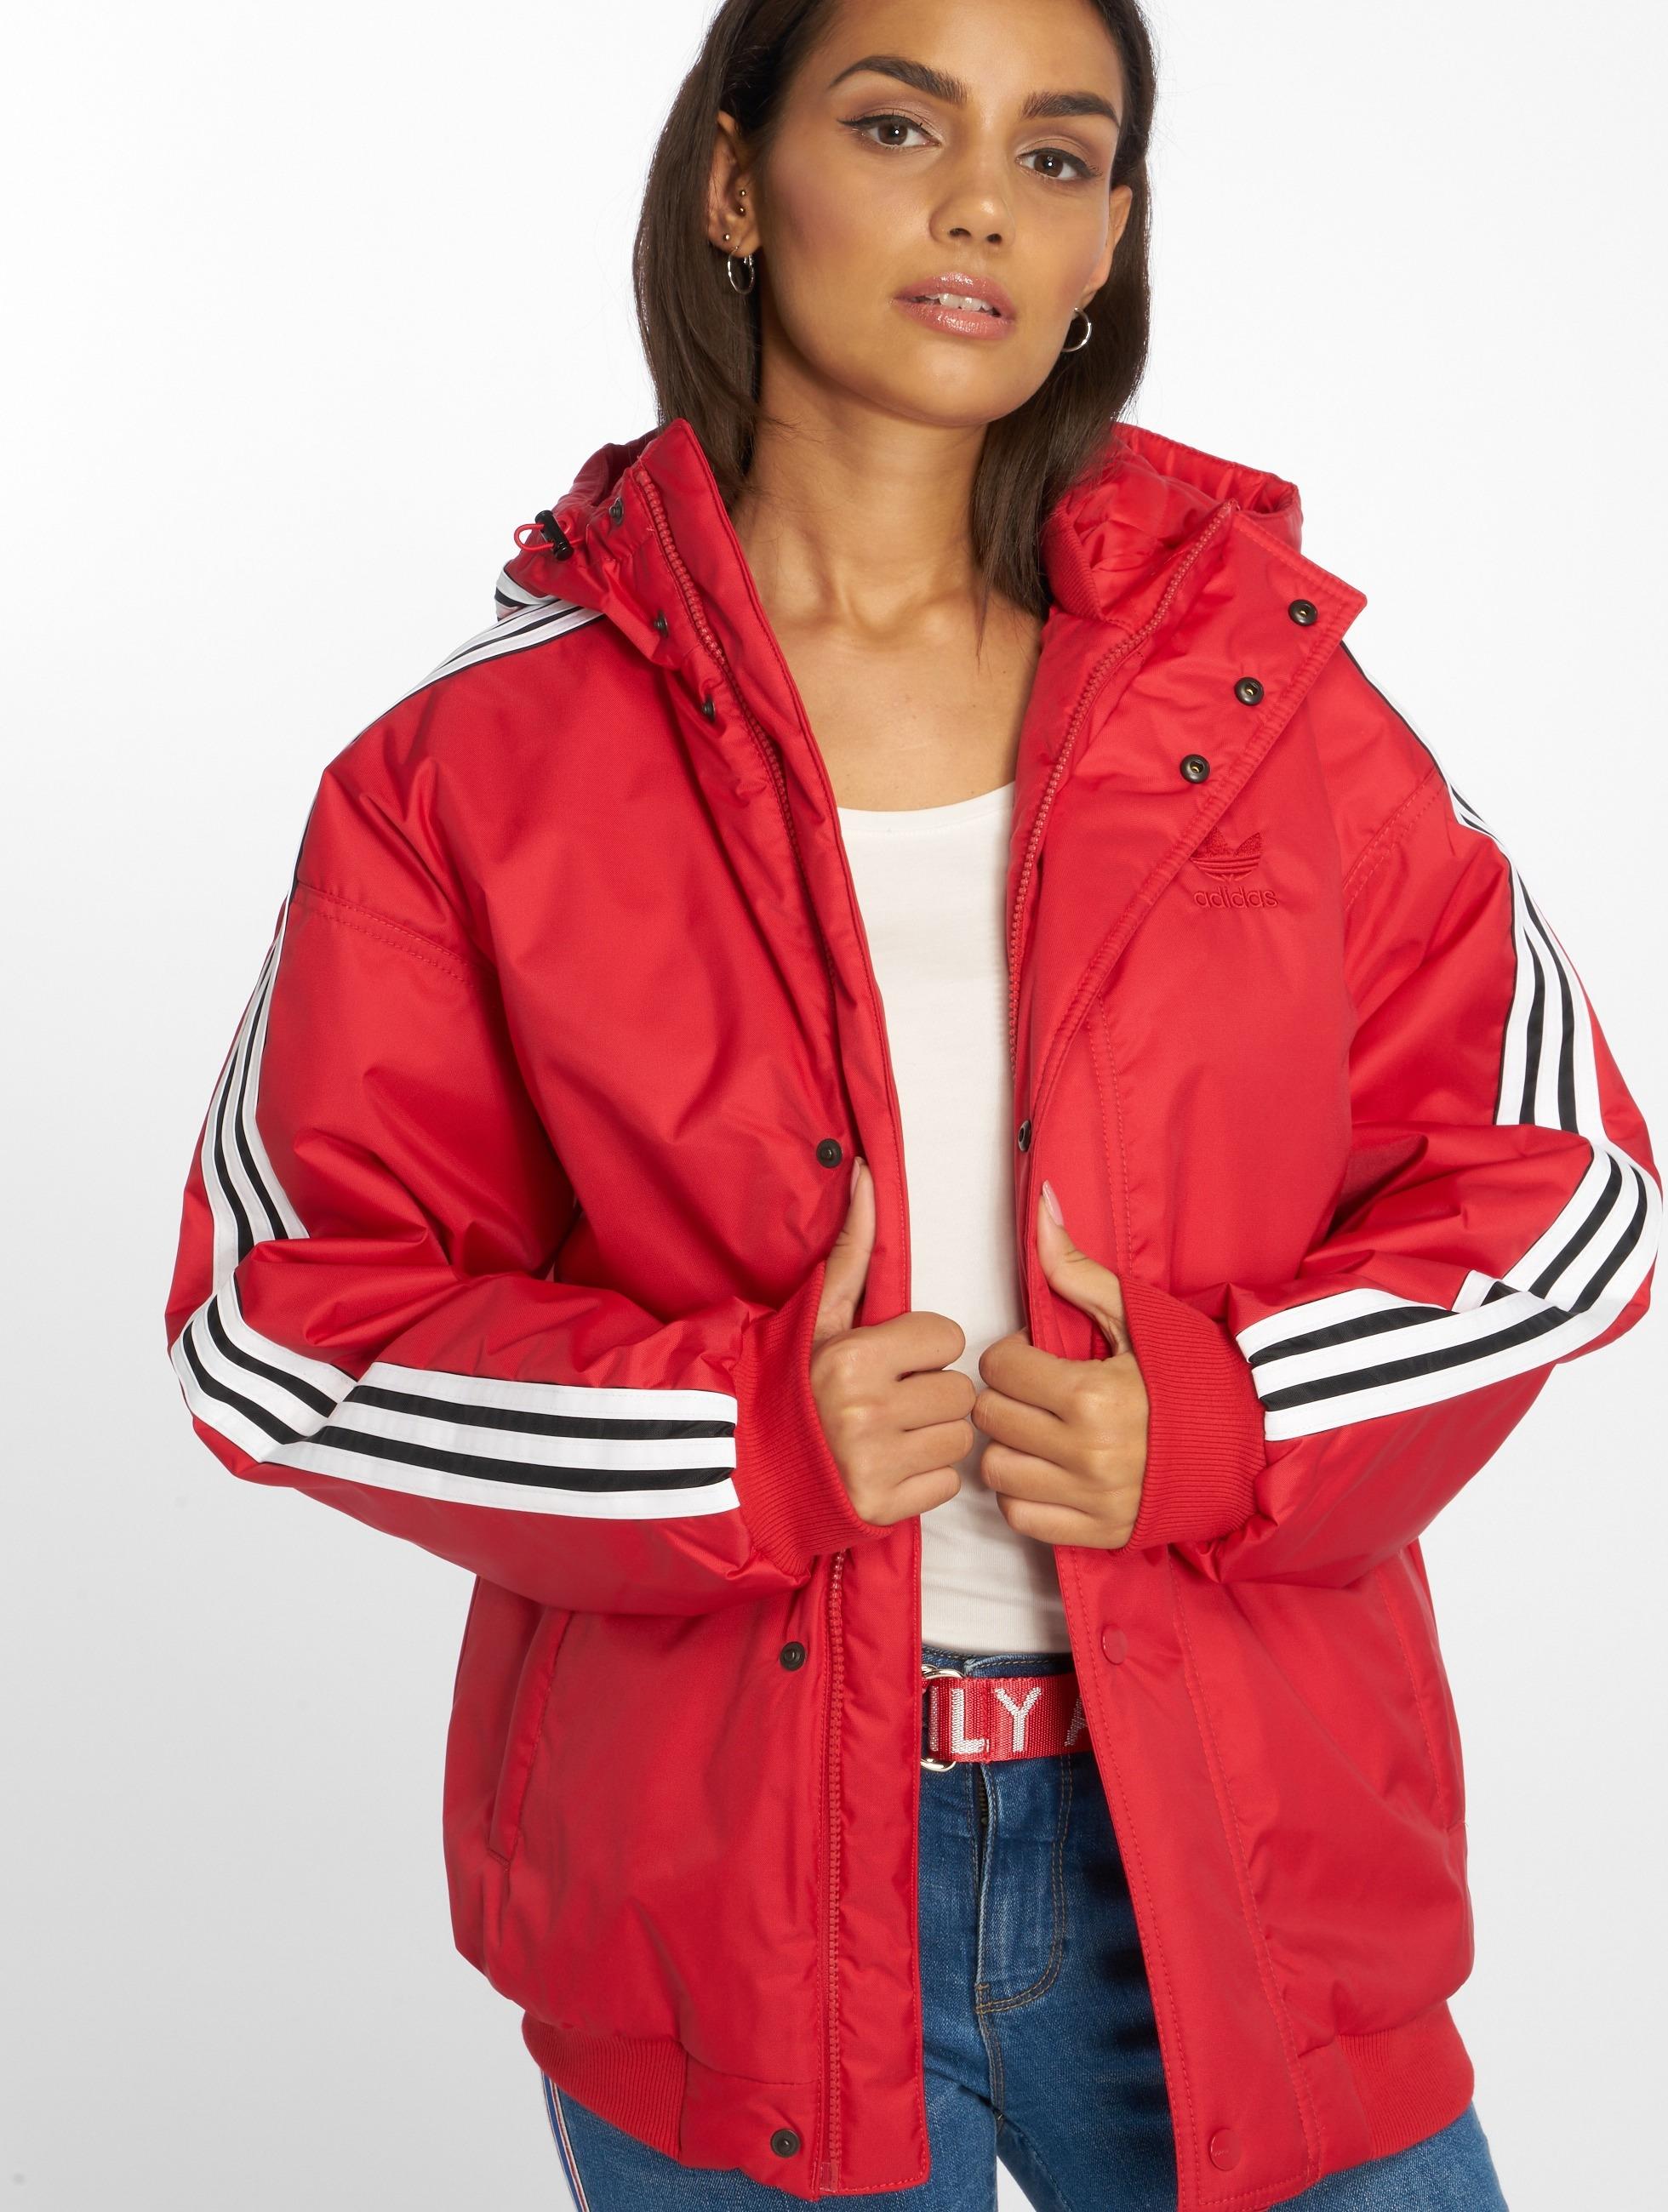 e17e95bc1e317 adidas originals | Sst rouge Femme Veste mi-saison légère 542828